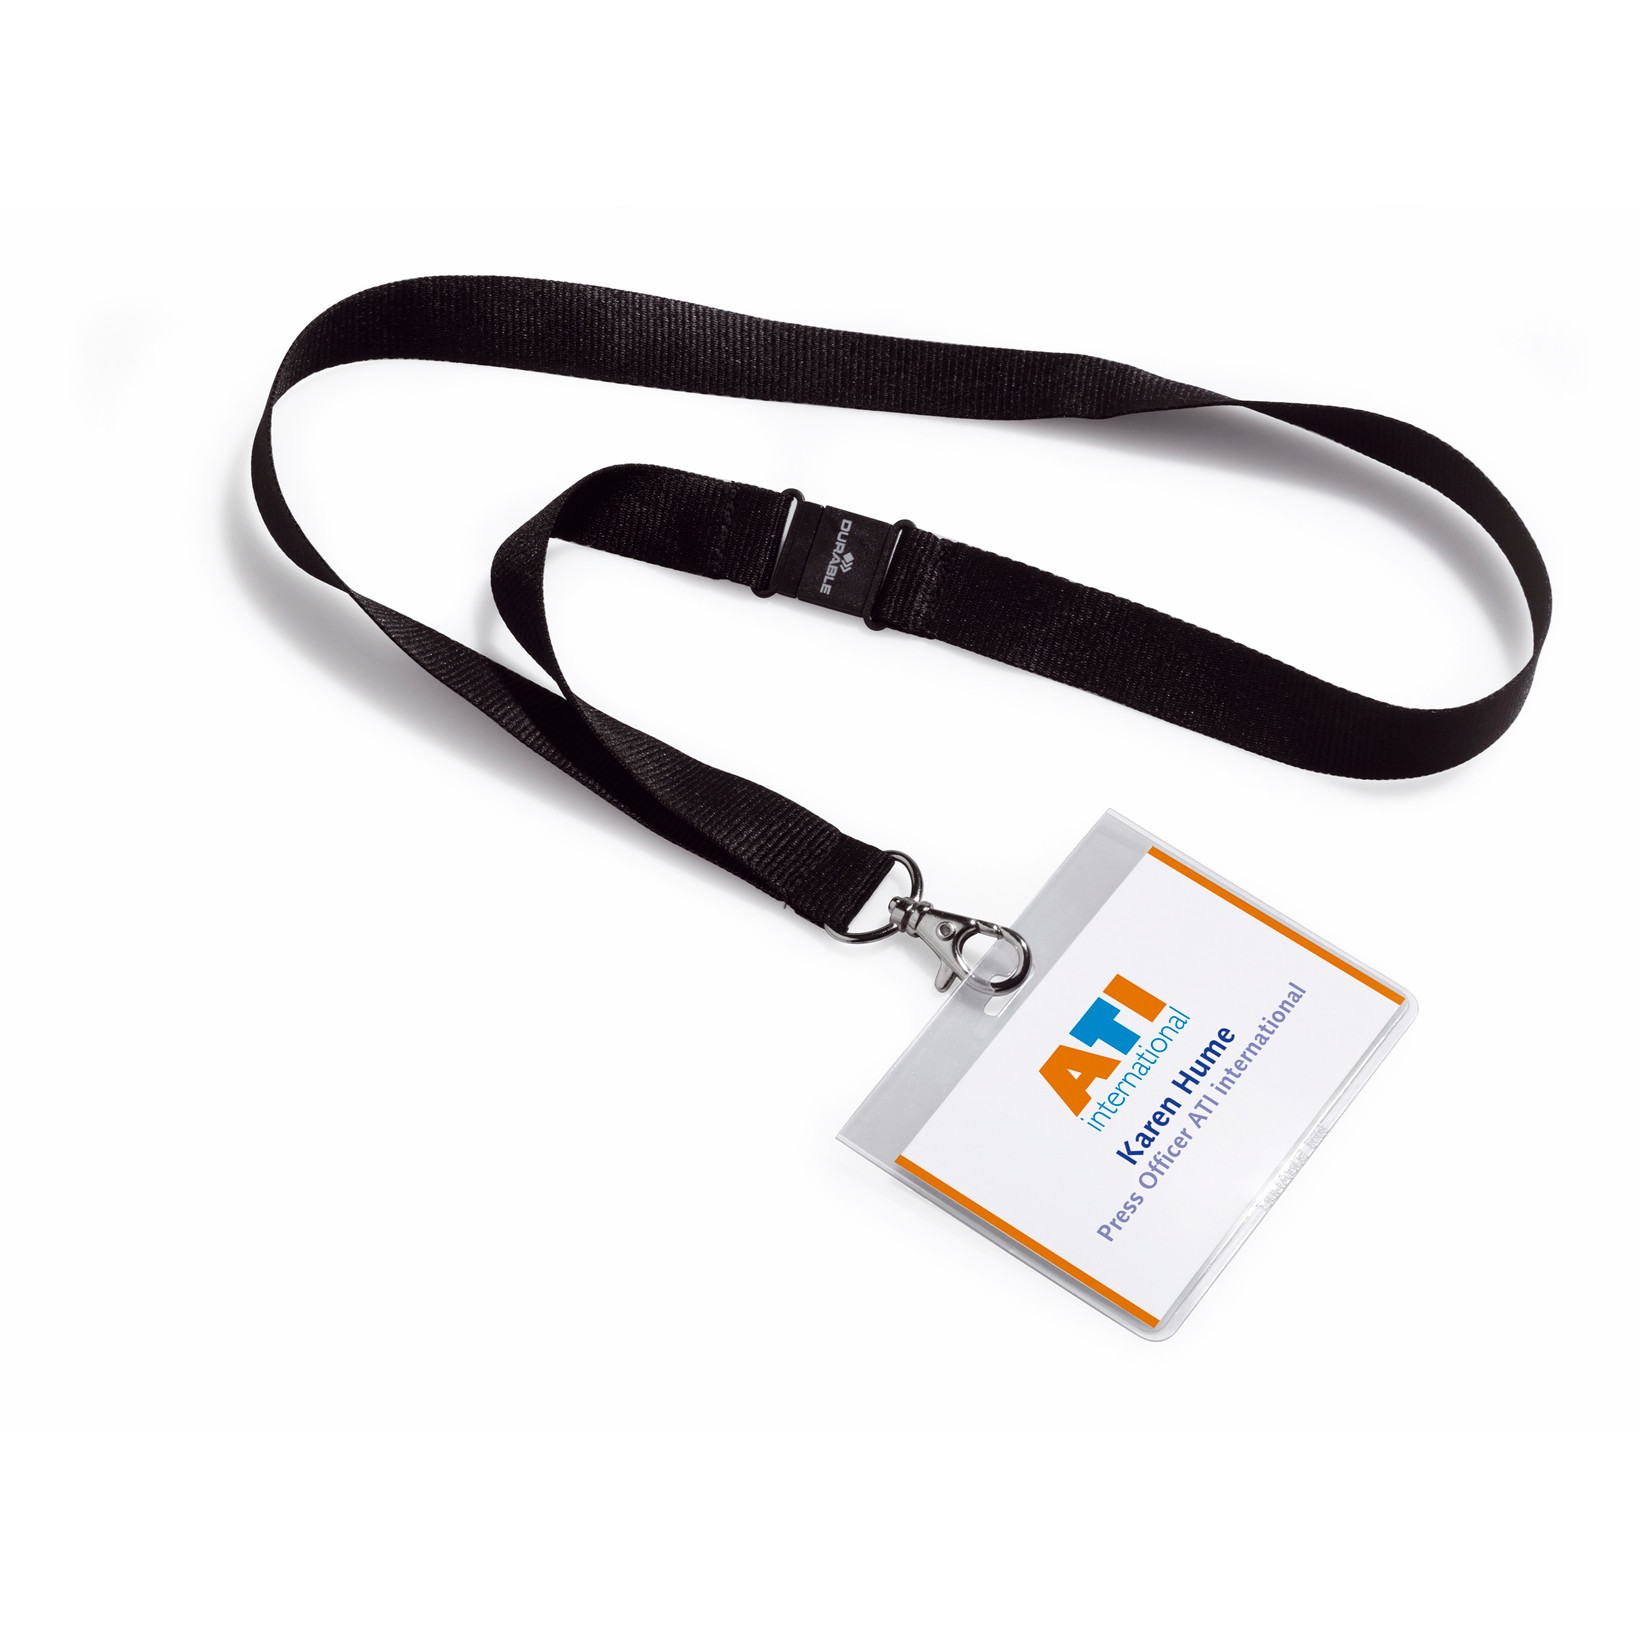 Halsbånd med kortholder - 60 x 90 mm - 5 sæt